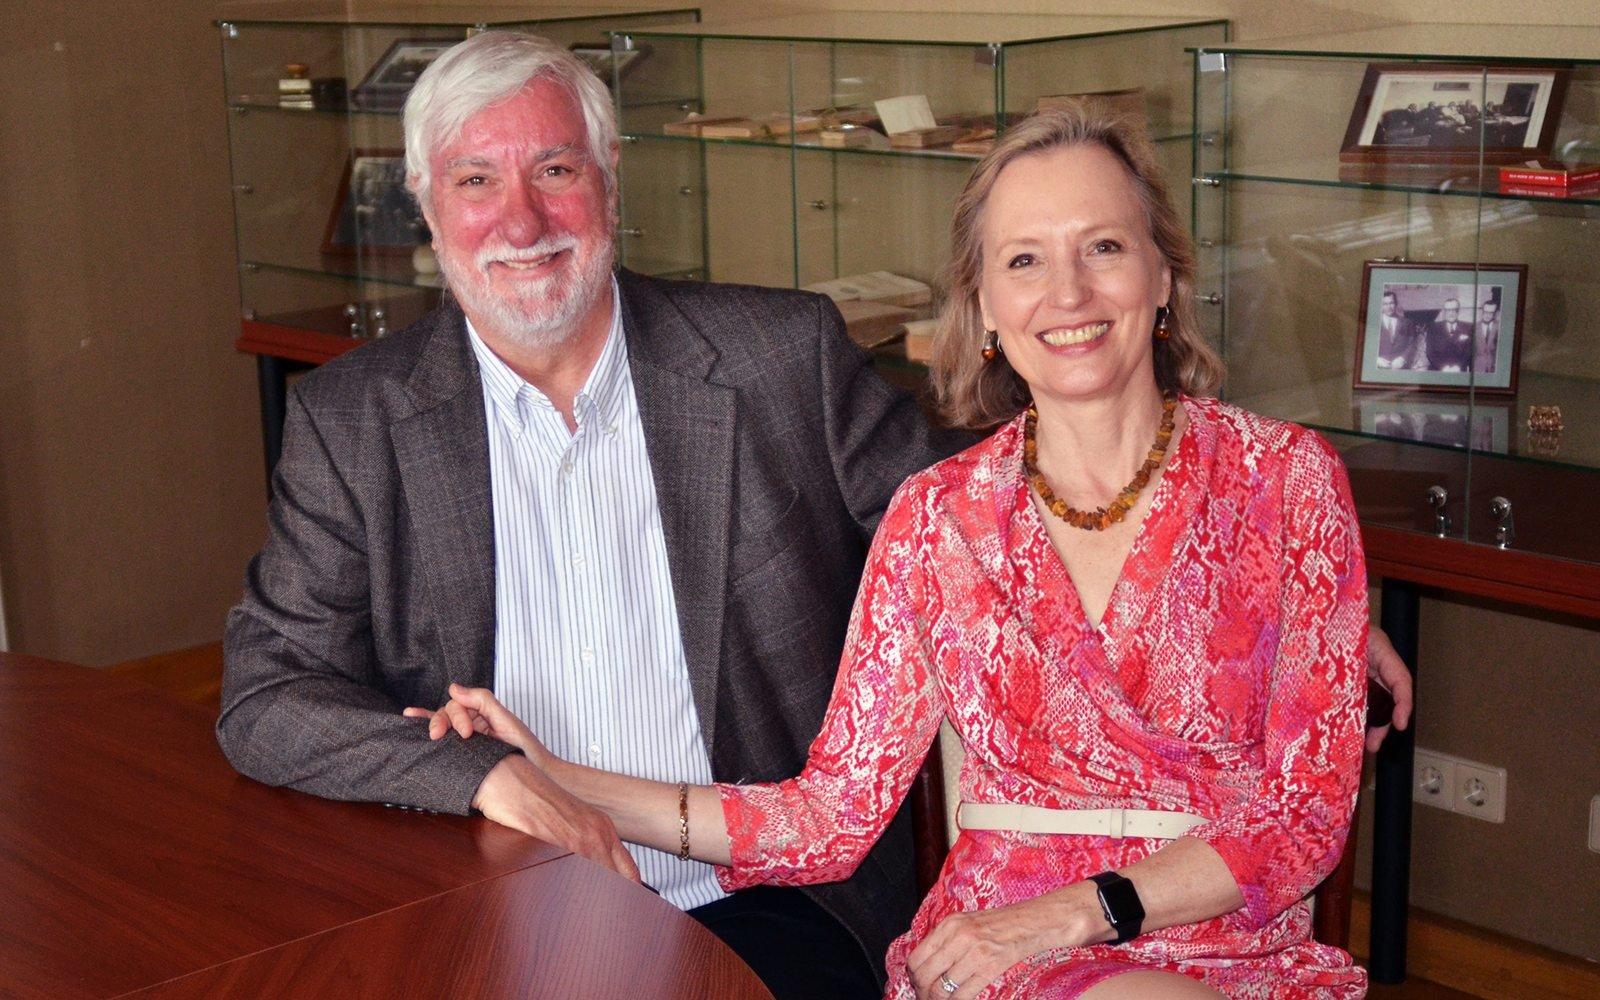 Robert ir Katherine Tyson McCrea22